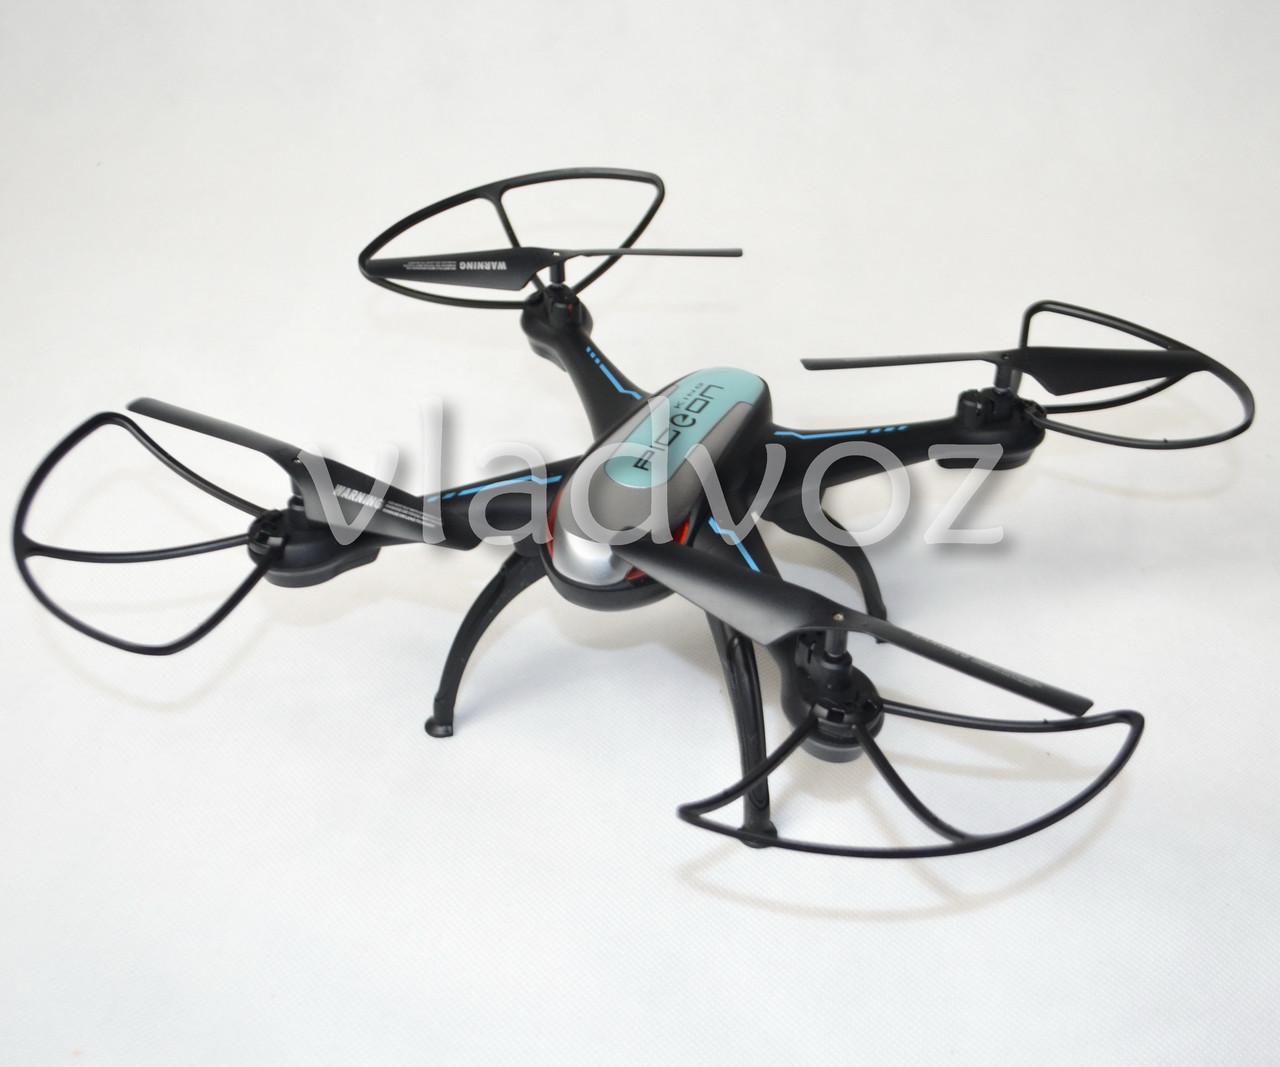 Фото радиоуправляемого квадрокоптера 2,4 gz Led 4 винта drone X-1507 черный